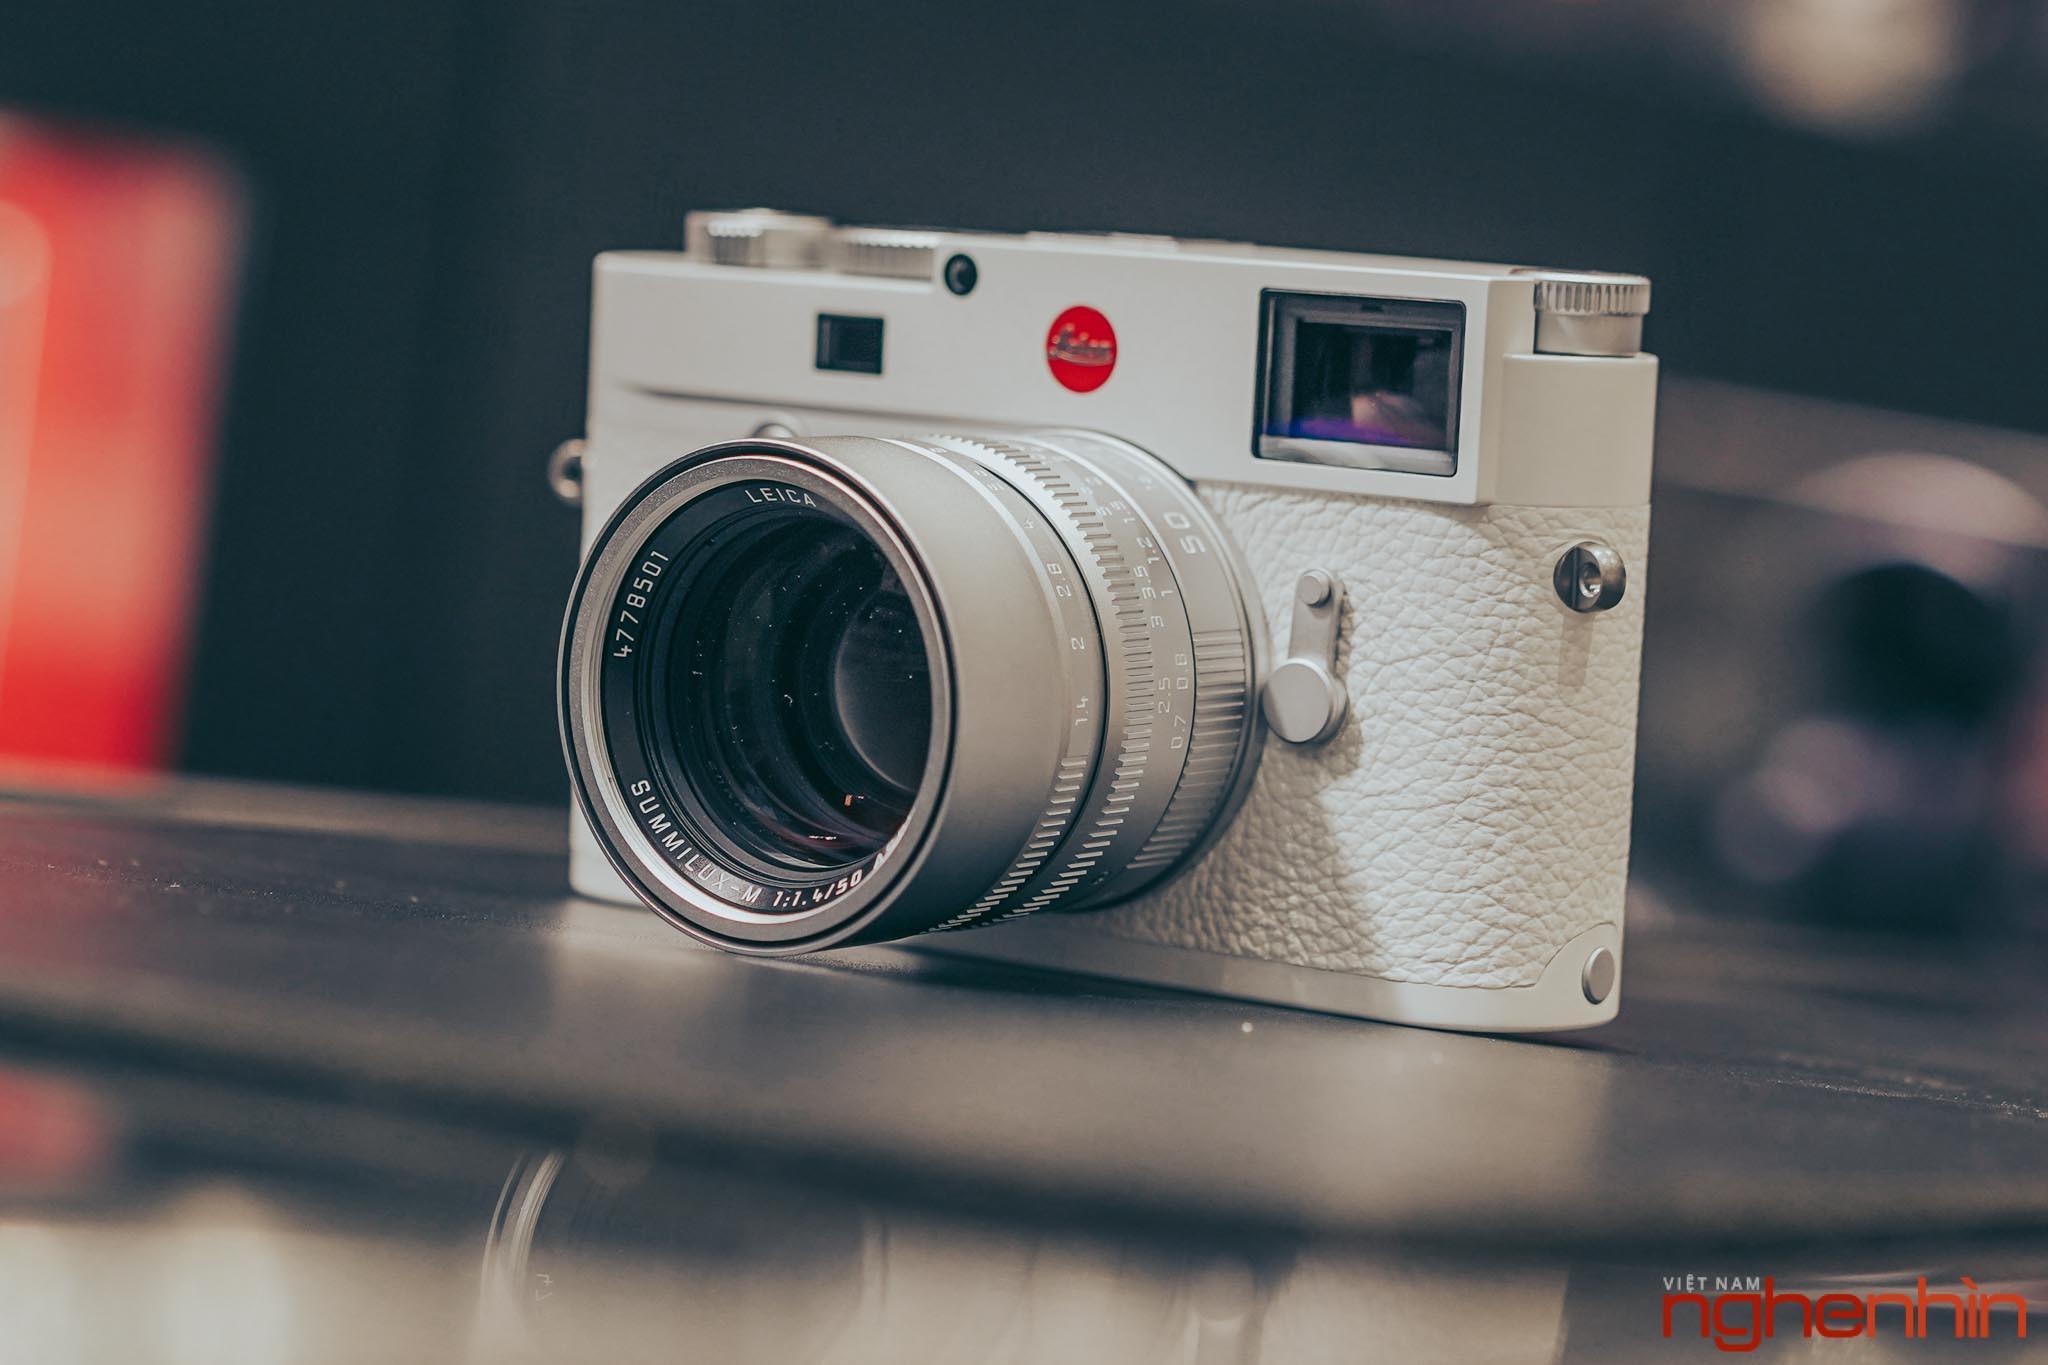 Trên tay Leica M10-P 'White' Edition tại Việt Nam: giá 420 triệu, giới hạn 350 chiếc Ảnh 12